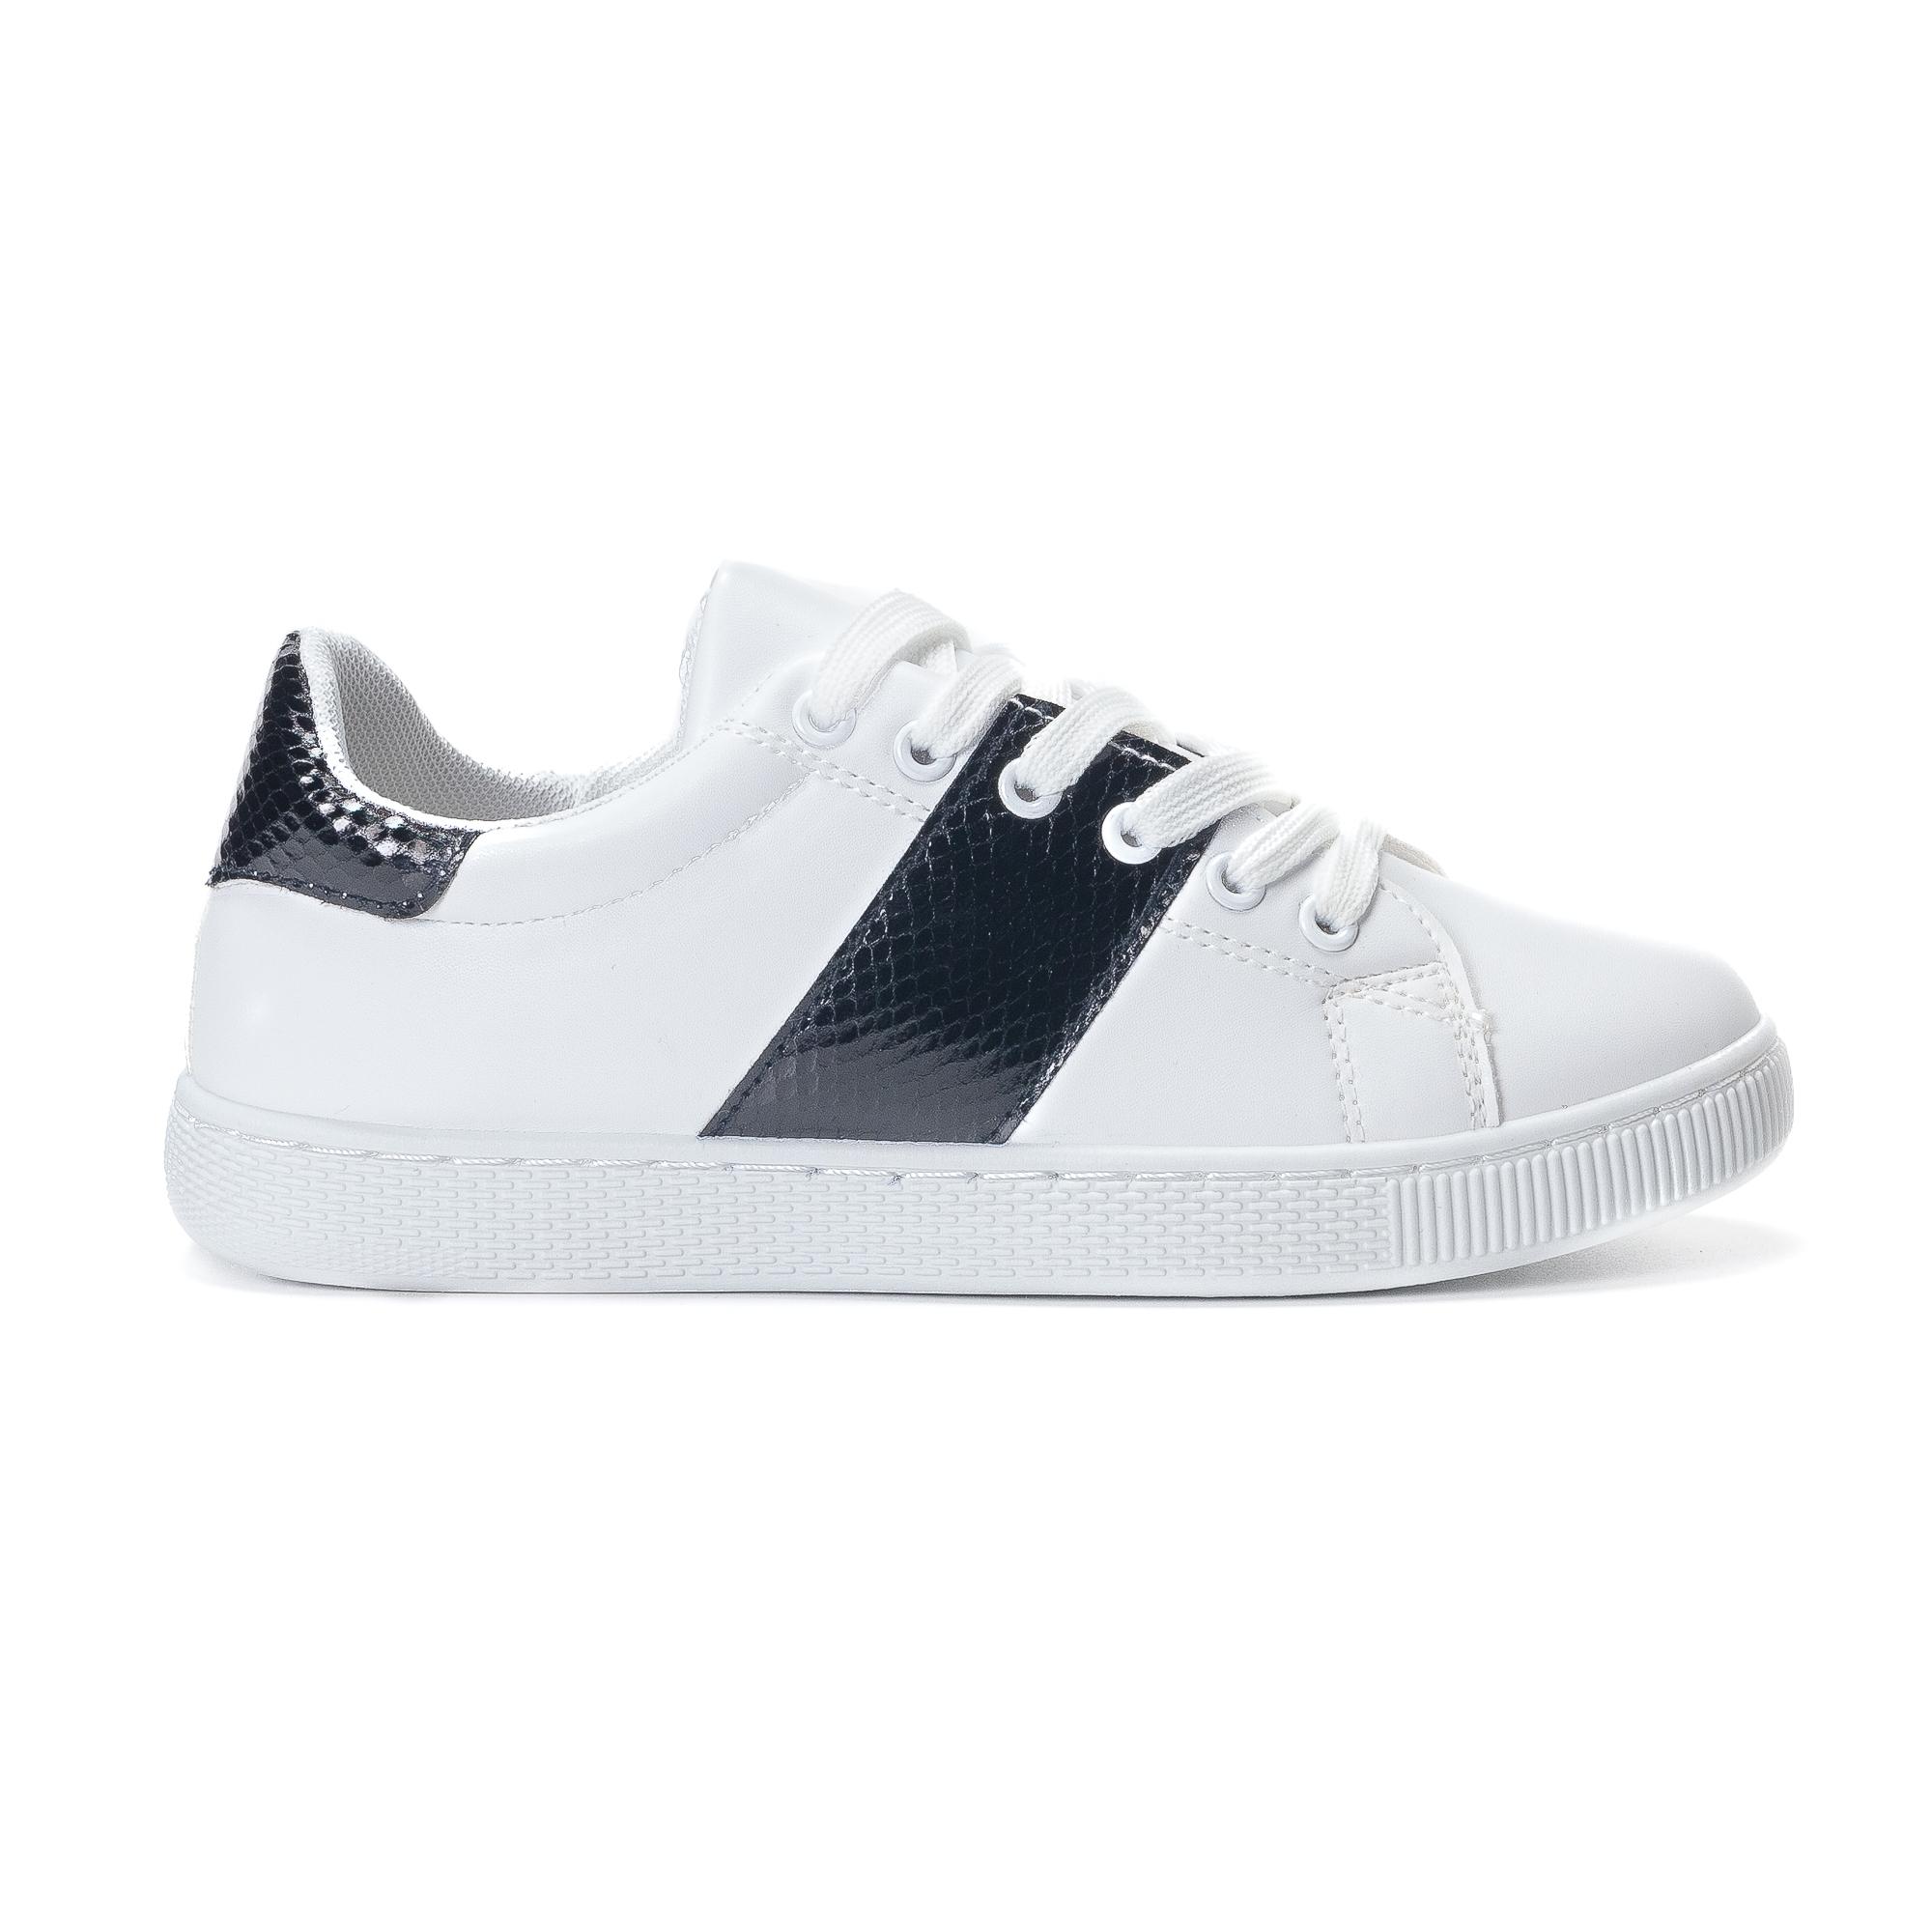 Γυναικεία λευκά sneakers από οικολογικό δέρμα με μαύρες λεπτομέρειες